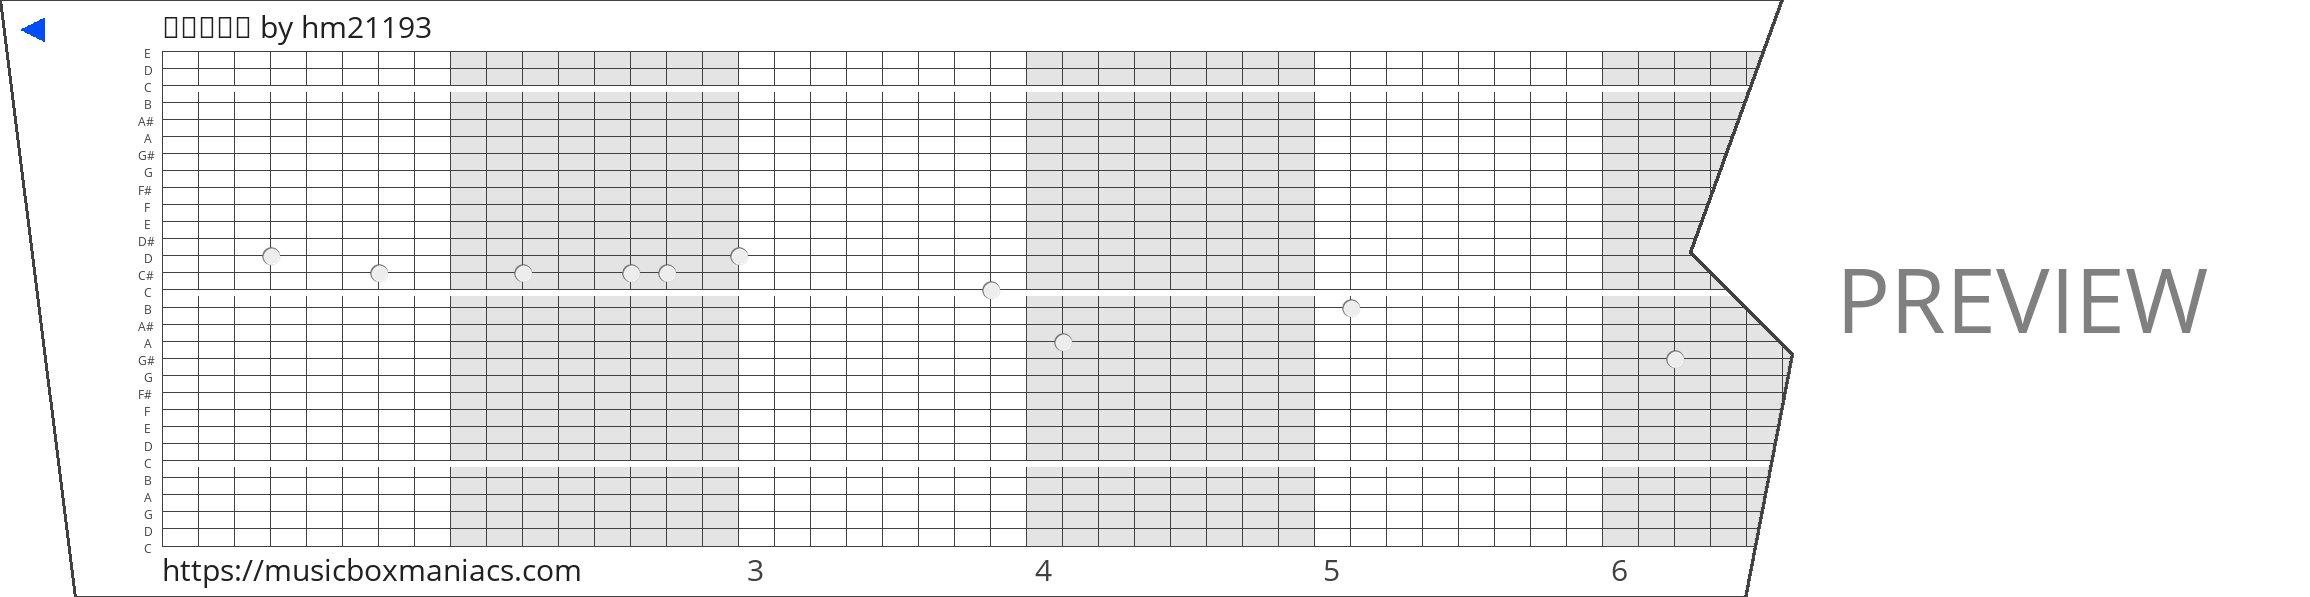 ㅍㄶㅇㅀㄹ 30 note music box paper strip